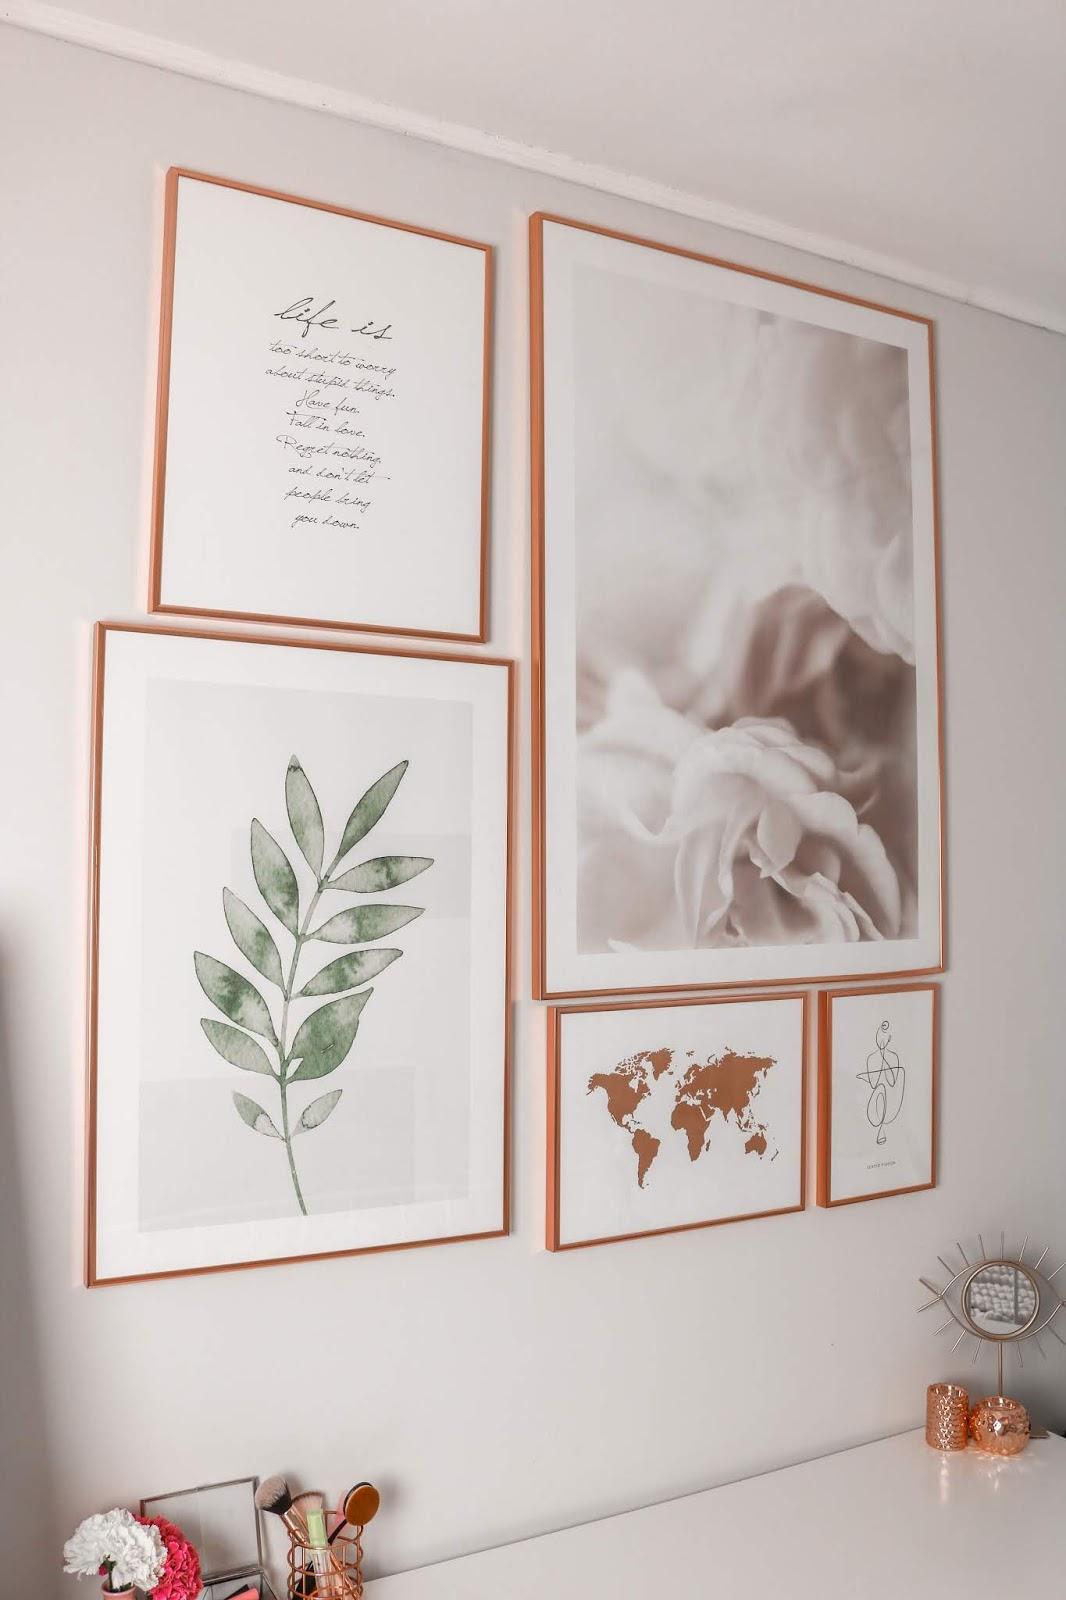 Odmieniam ściane plakatami | DESENIO + kod rabatowy